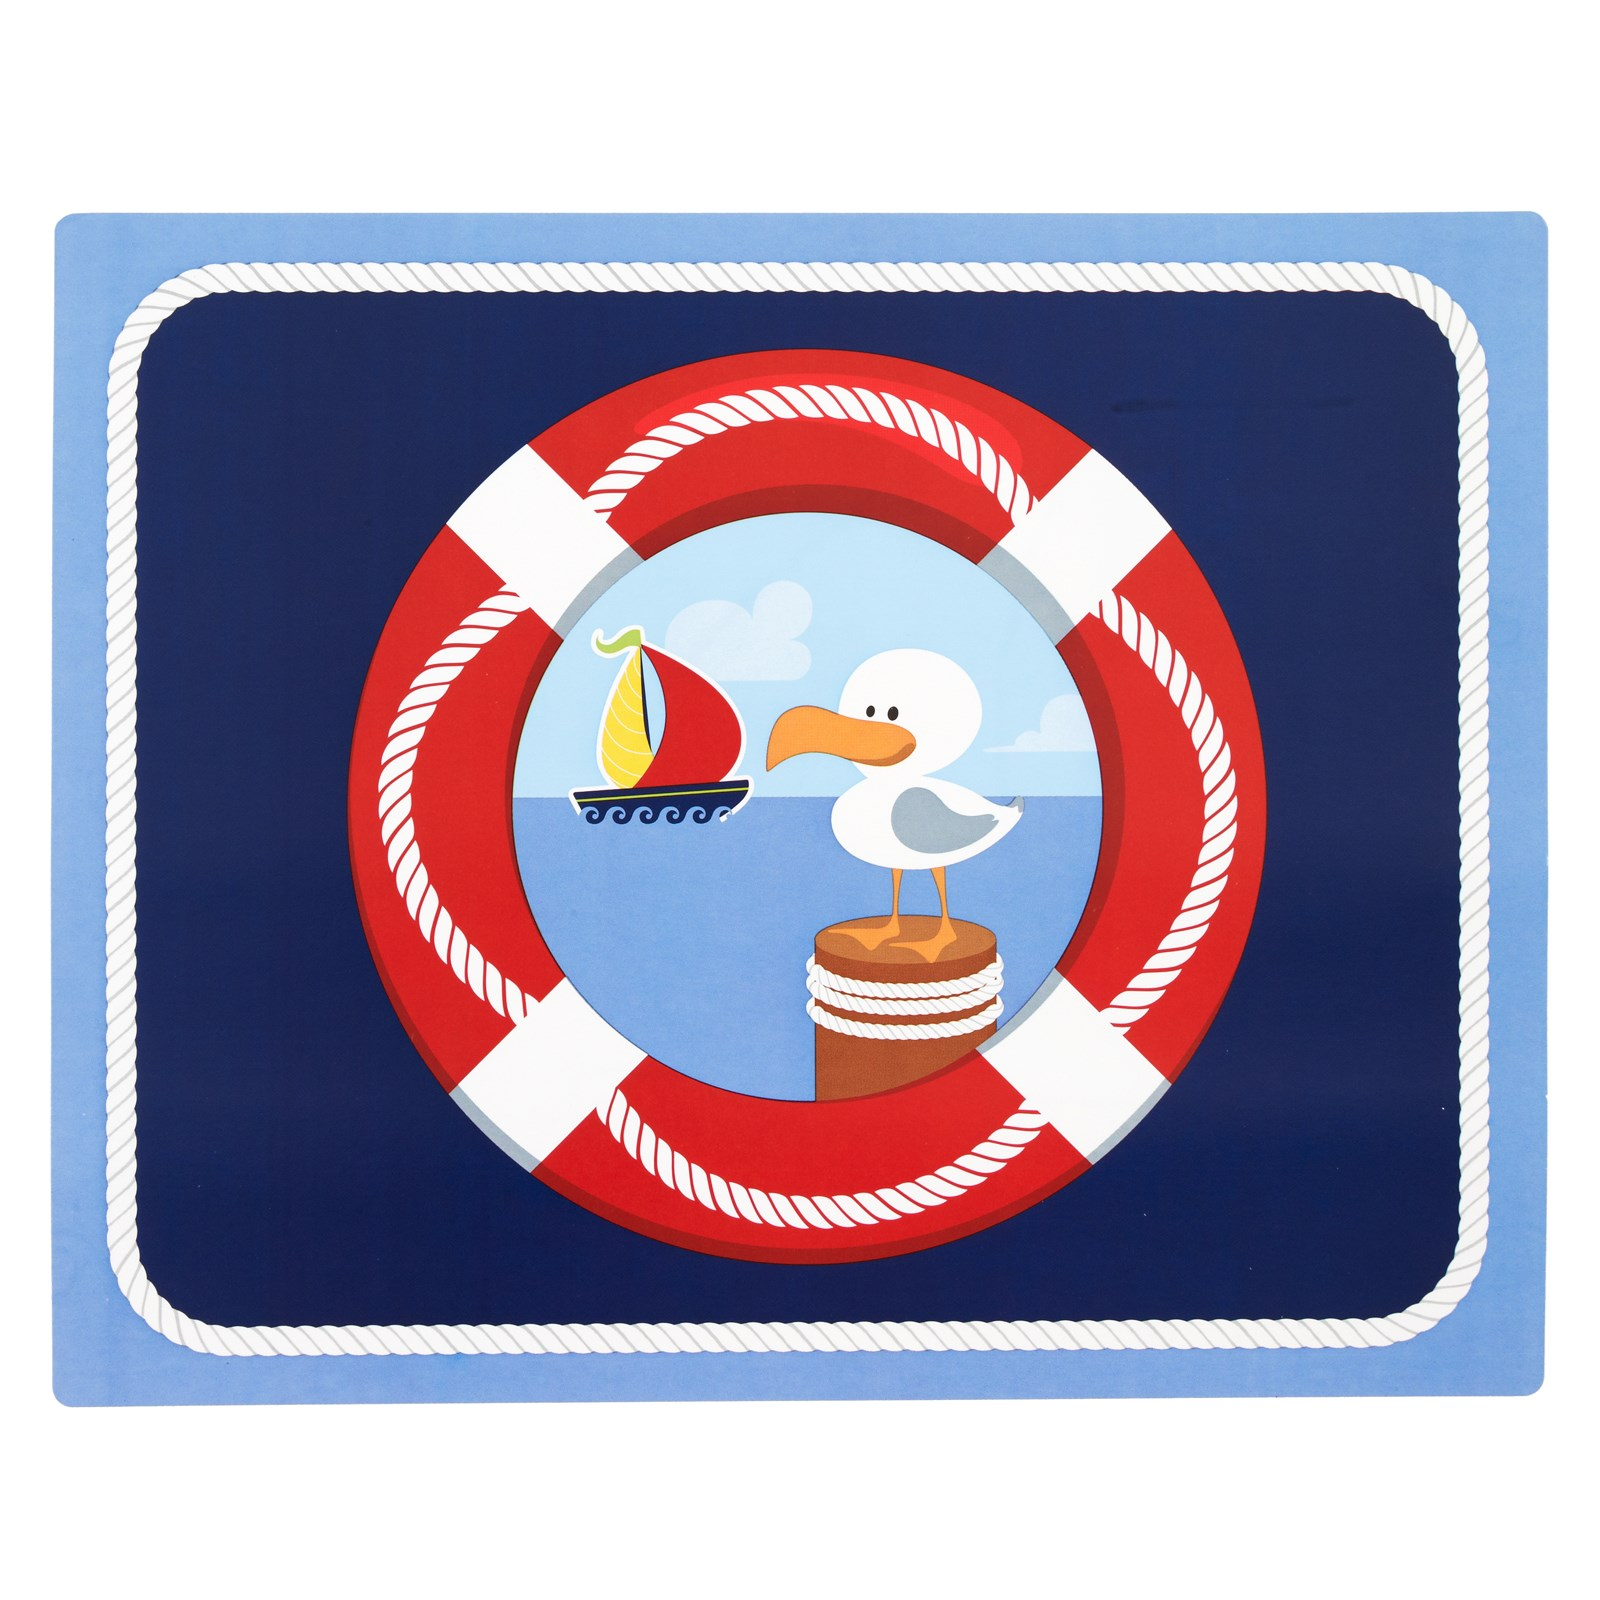 nautical fun activity placemats  birthdayexpresscom - default image  nautical fun activity placemats